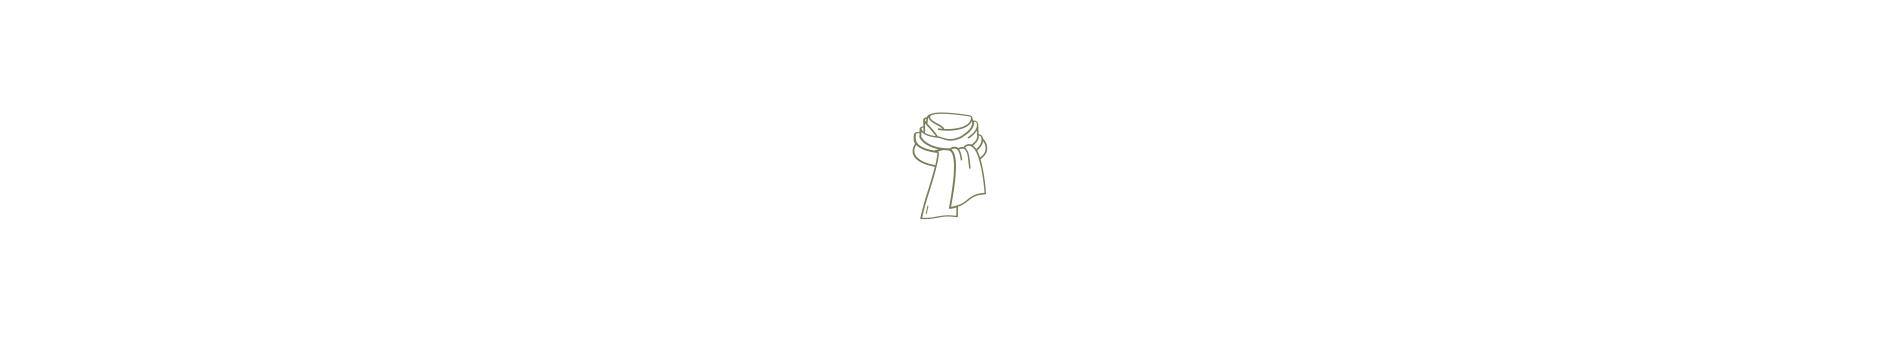 Accessoires (cache bouton - écharpes - bonnets...) - Ponchos - Plaid